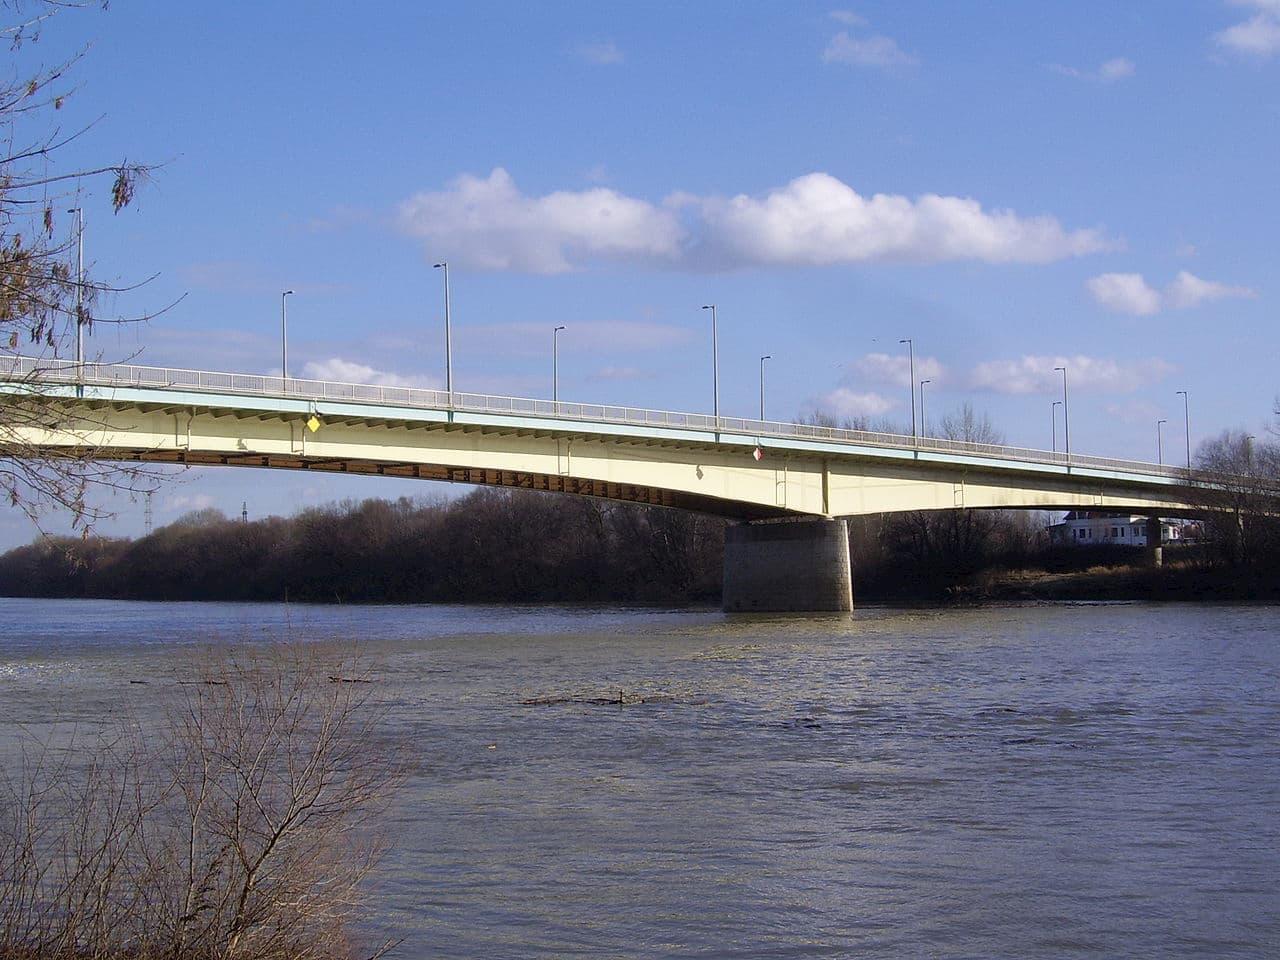 Elbontják a Bertalan híd korlátját 28 méteren, sebességkorlátozás és sávlezárás várható három hónapig